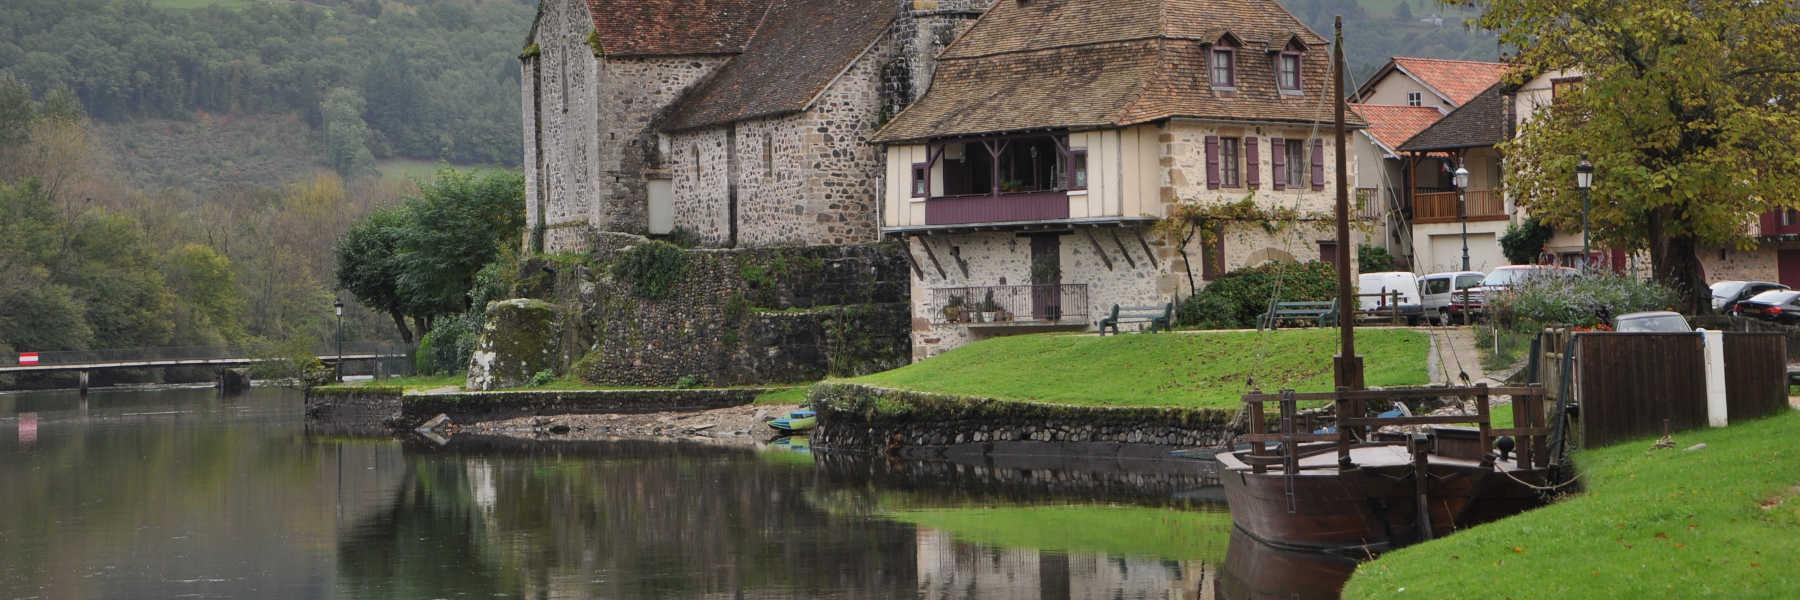 Visite du village de Beaulieu-sur-Dordogne